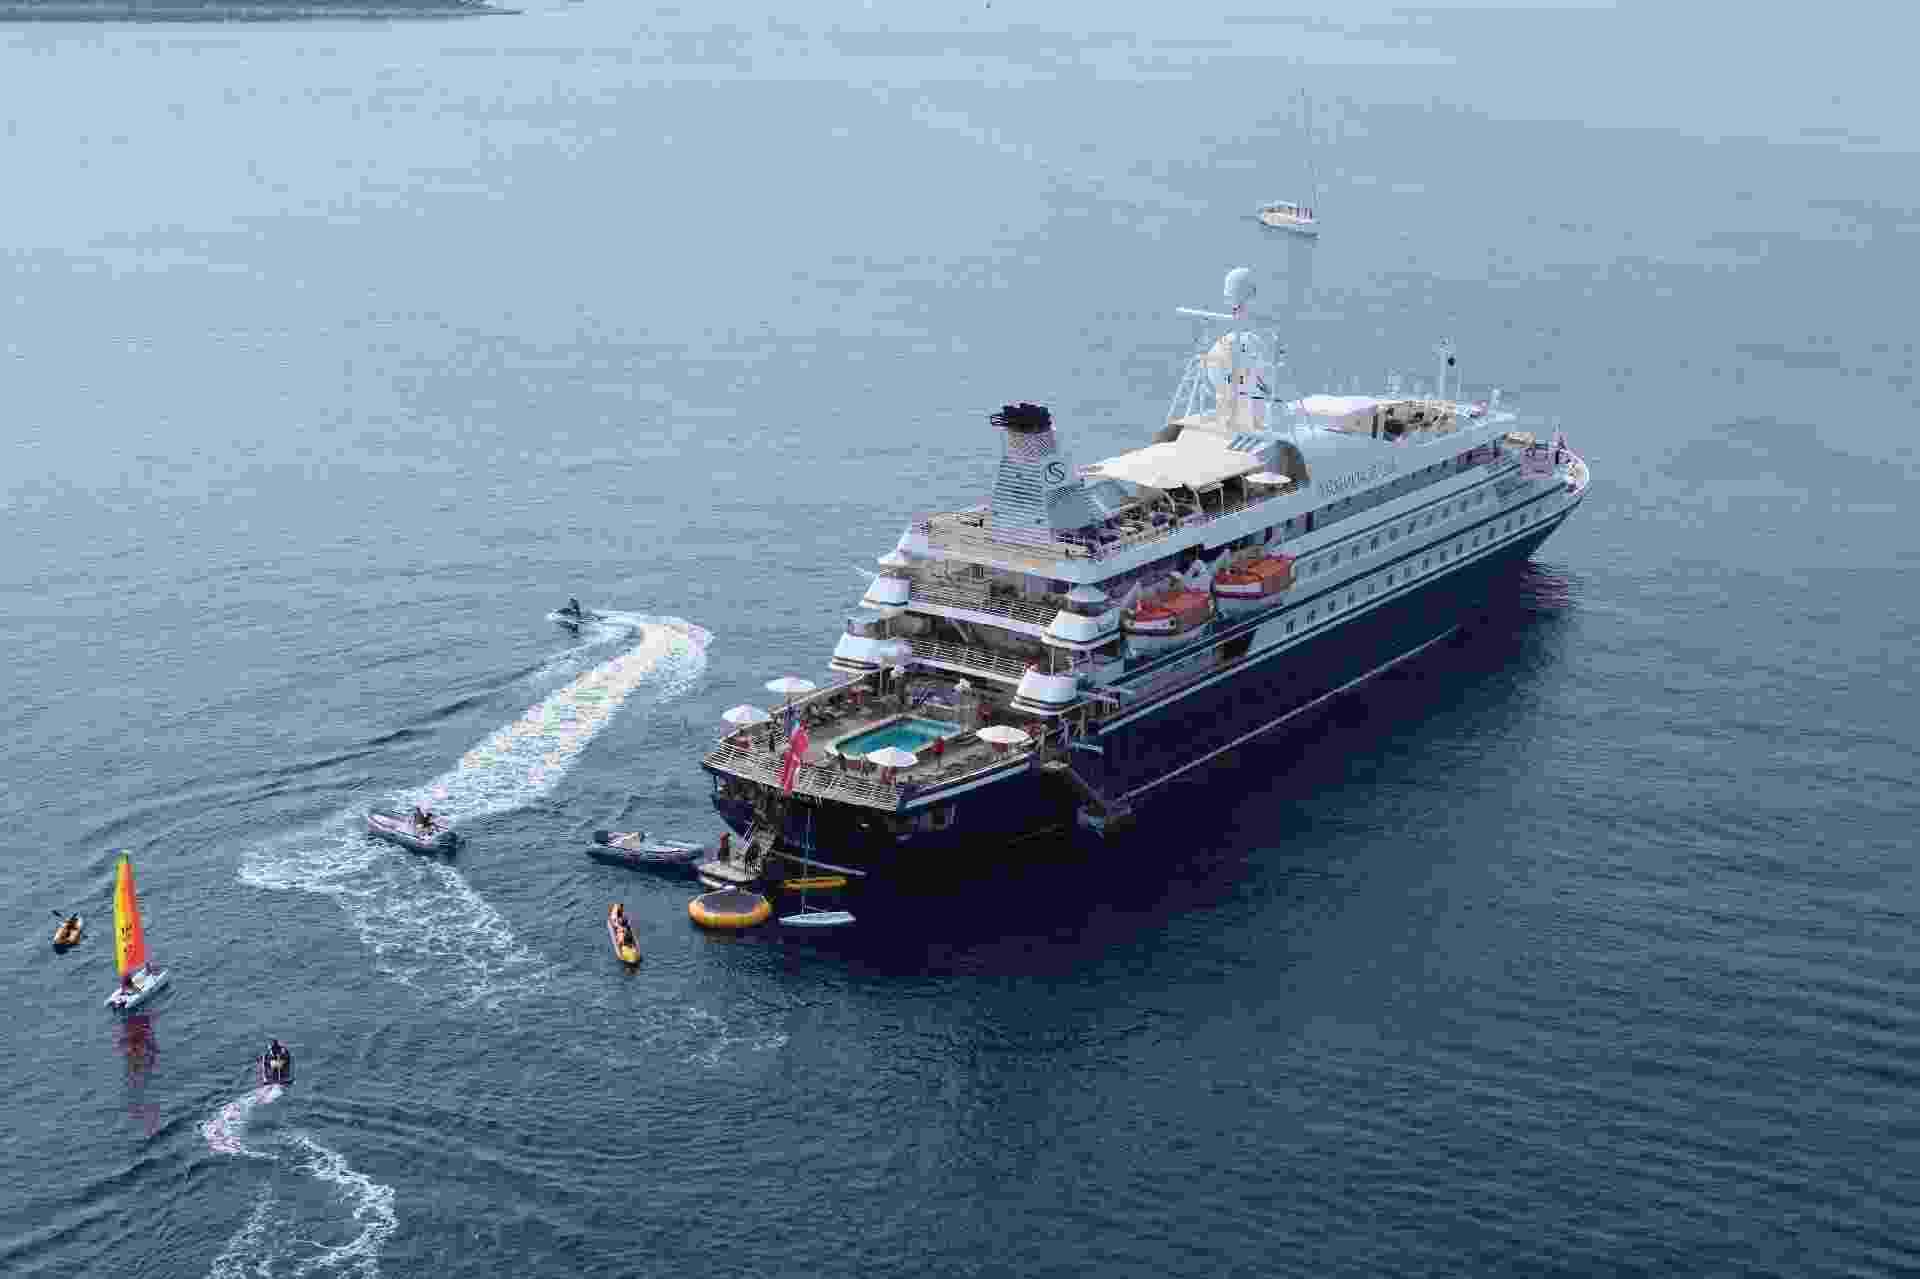 Navio de cruzeiro da empresa SeaDream - Divulgação/Pier 1 Cruise Experts